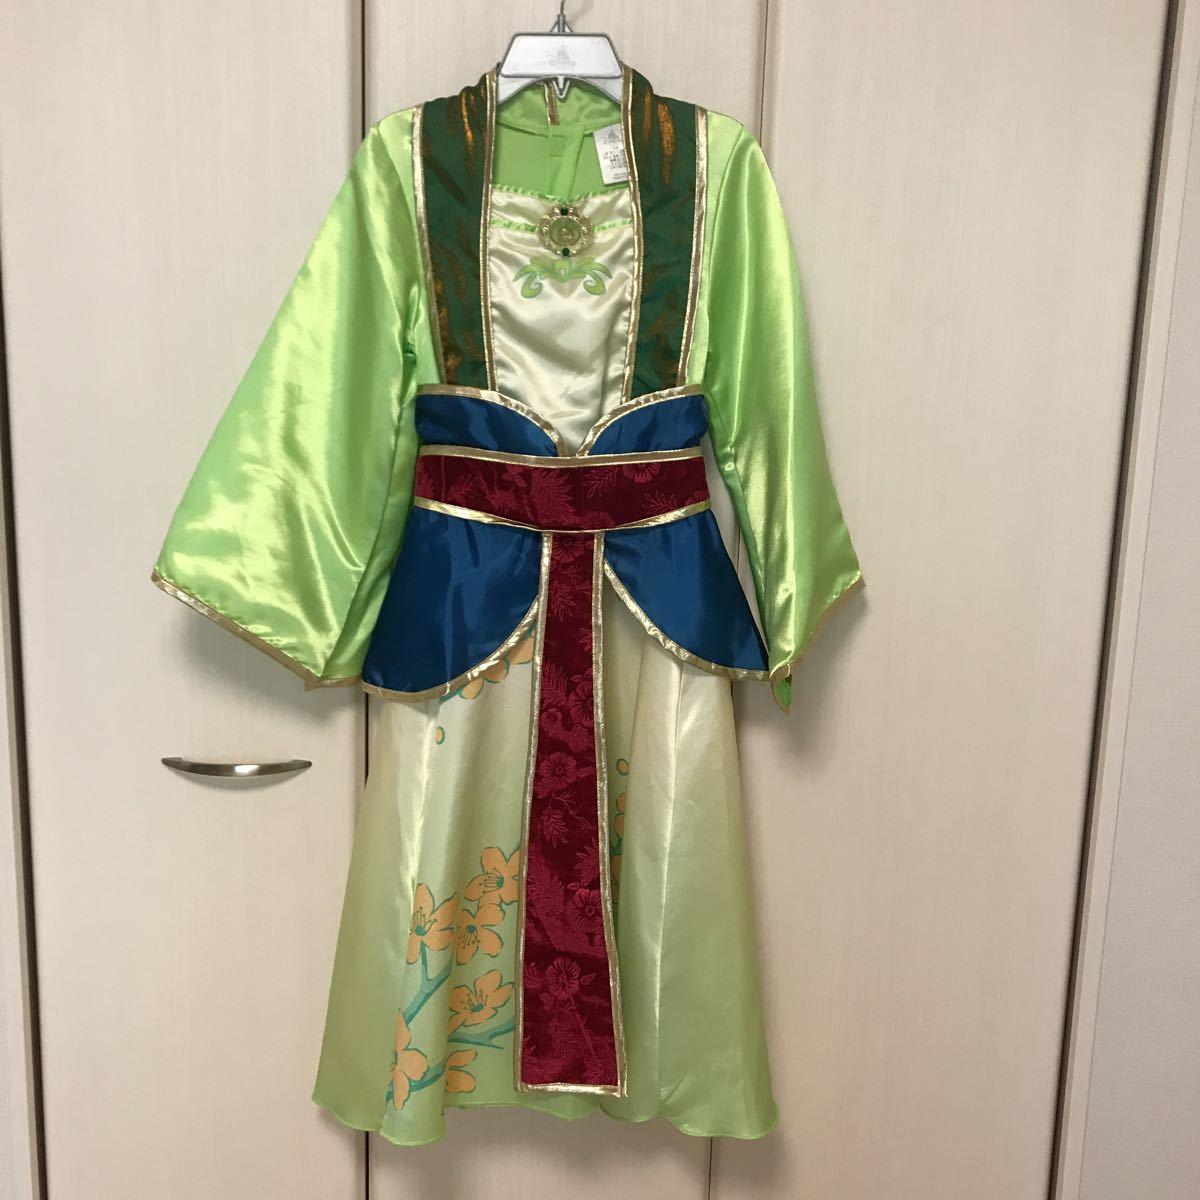 ディズニー ムーラン 衣装 コスチューム レア グリーン系 130~140 花柄 ドレス なりきりコスプレ プリンセス ハロウィン 仮装 アメリカ